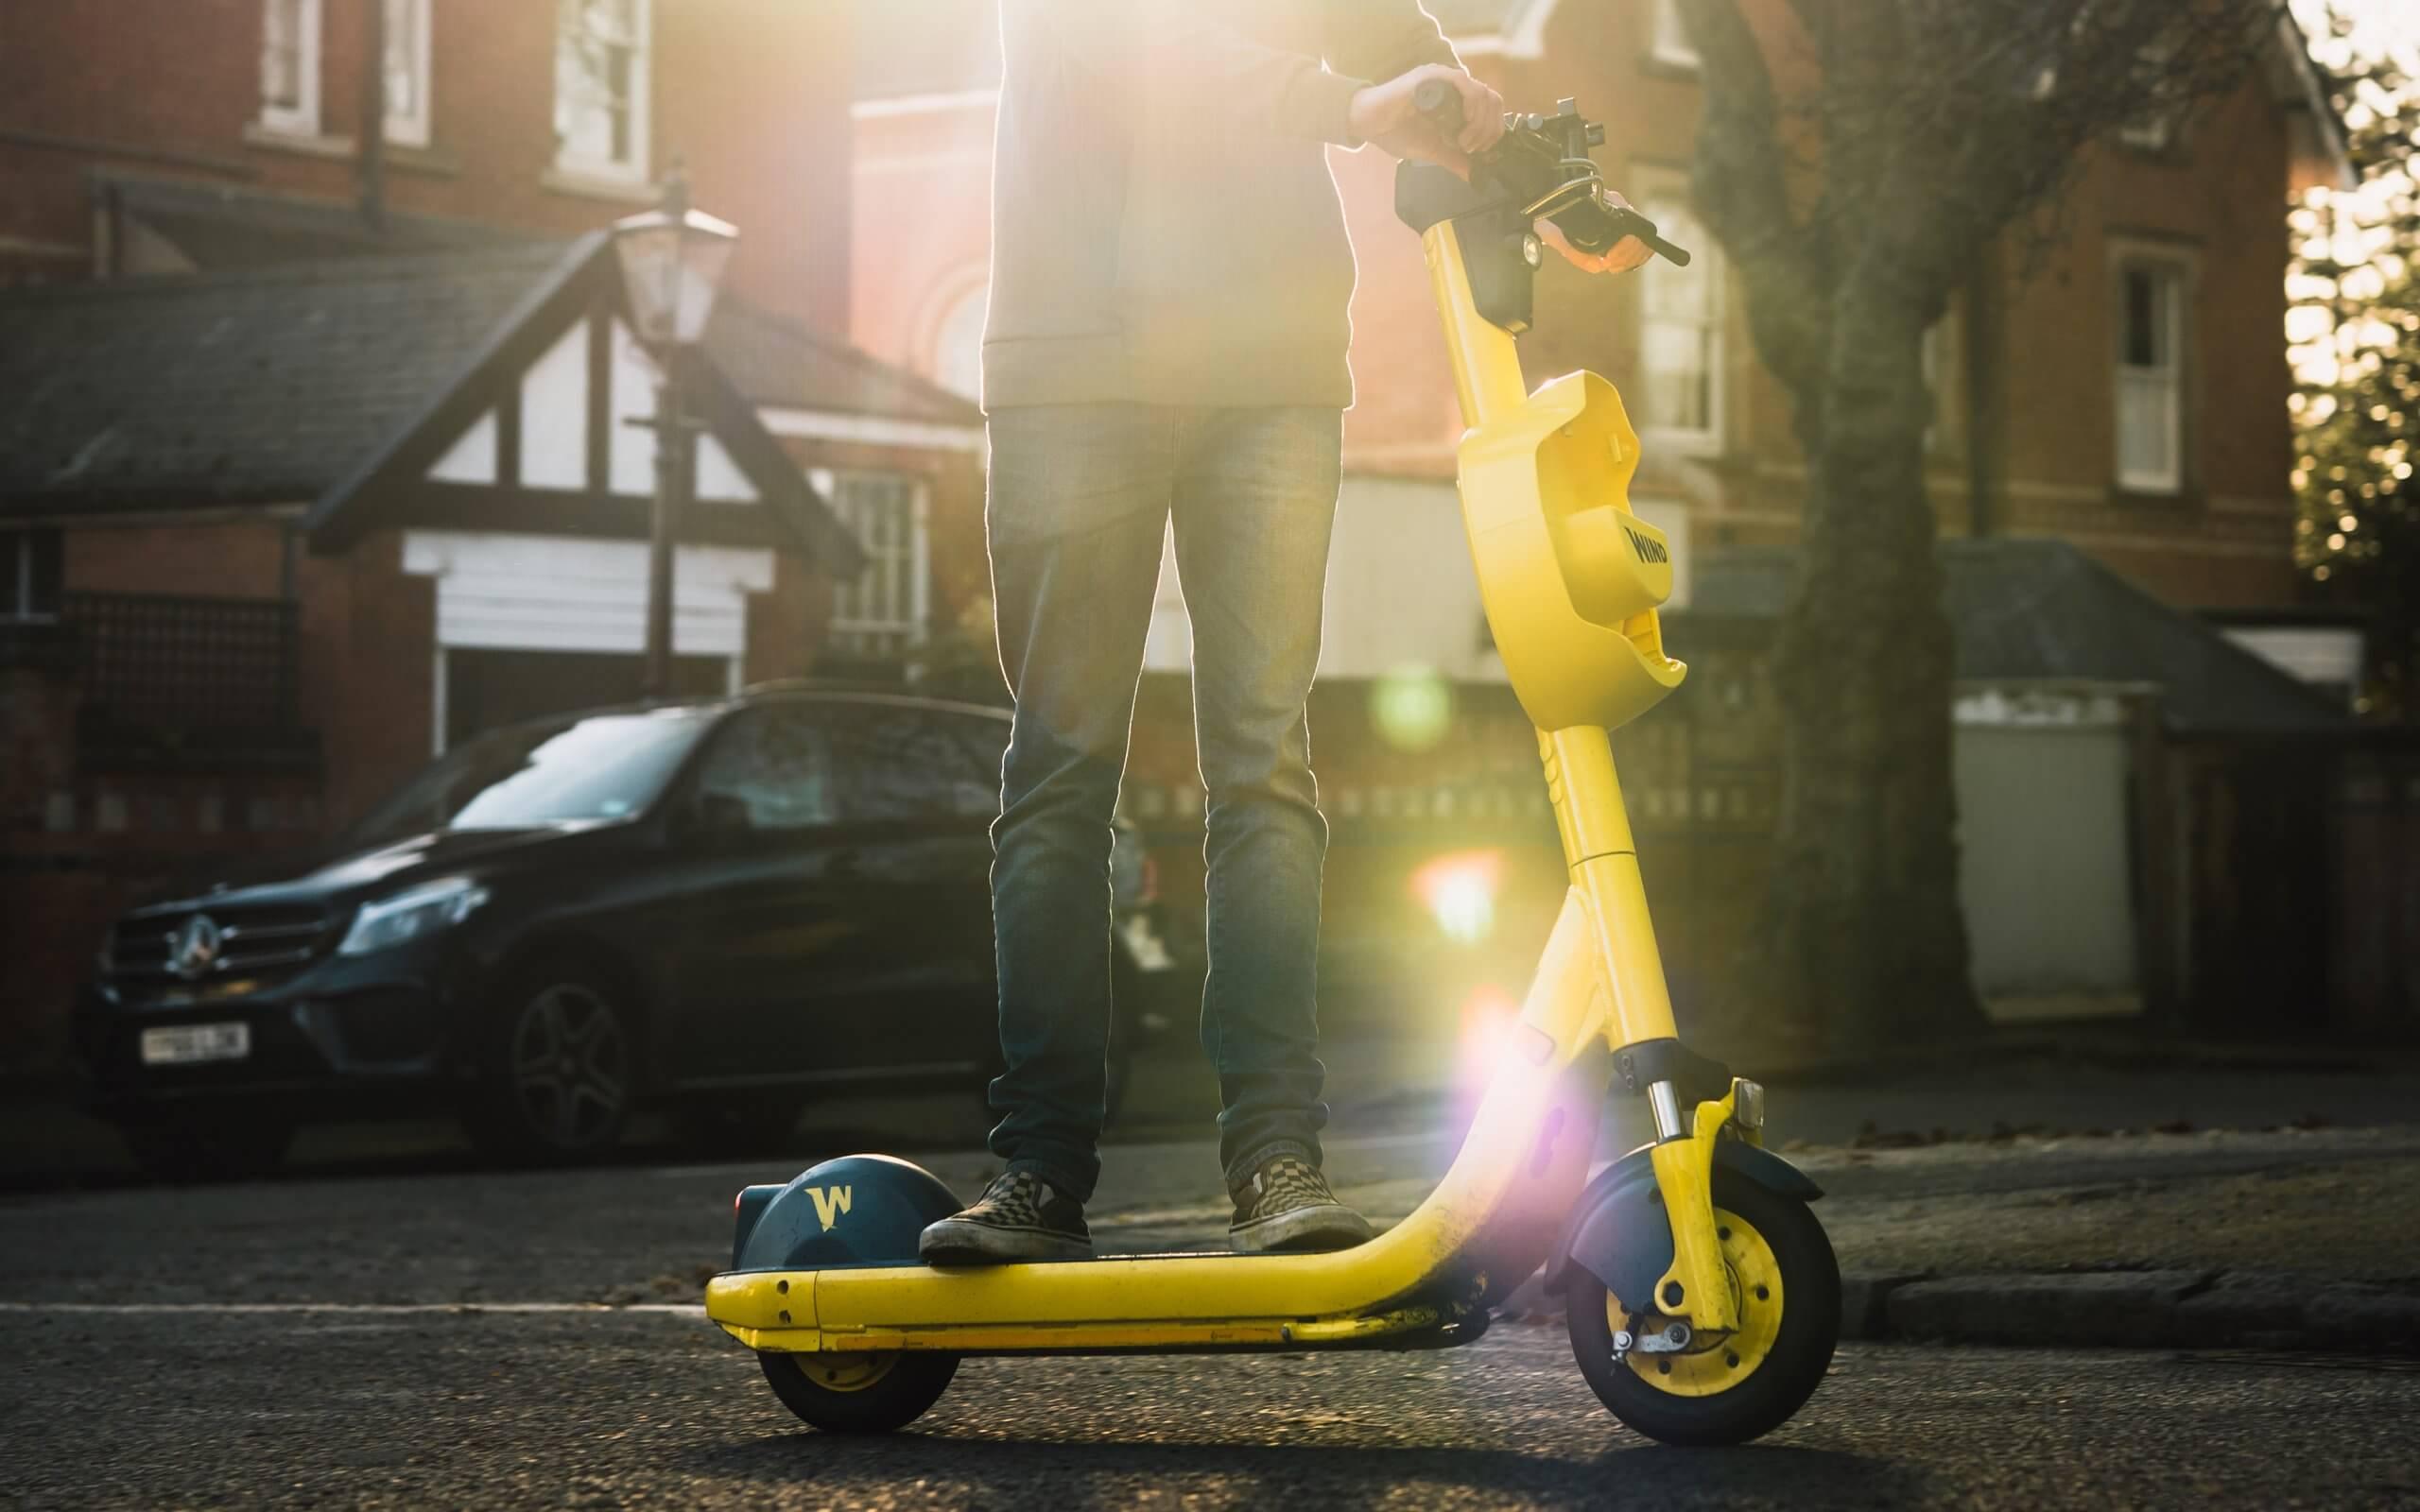 E-scooter on street - photo courtesy of Jake Osborne